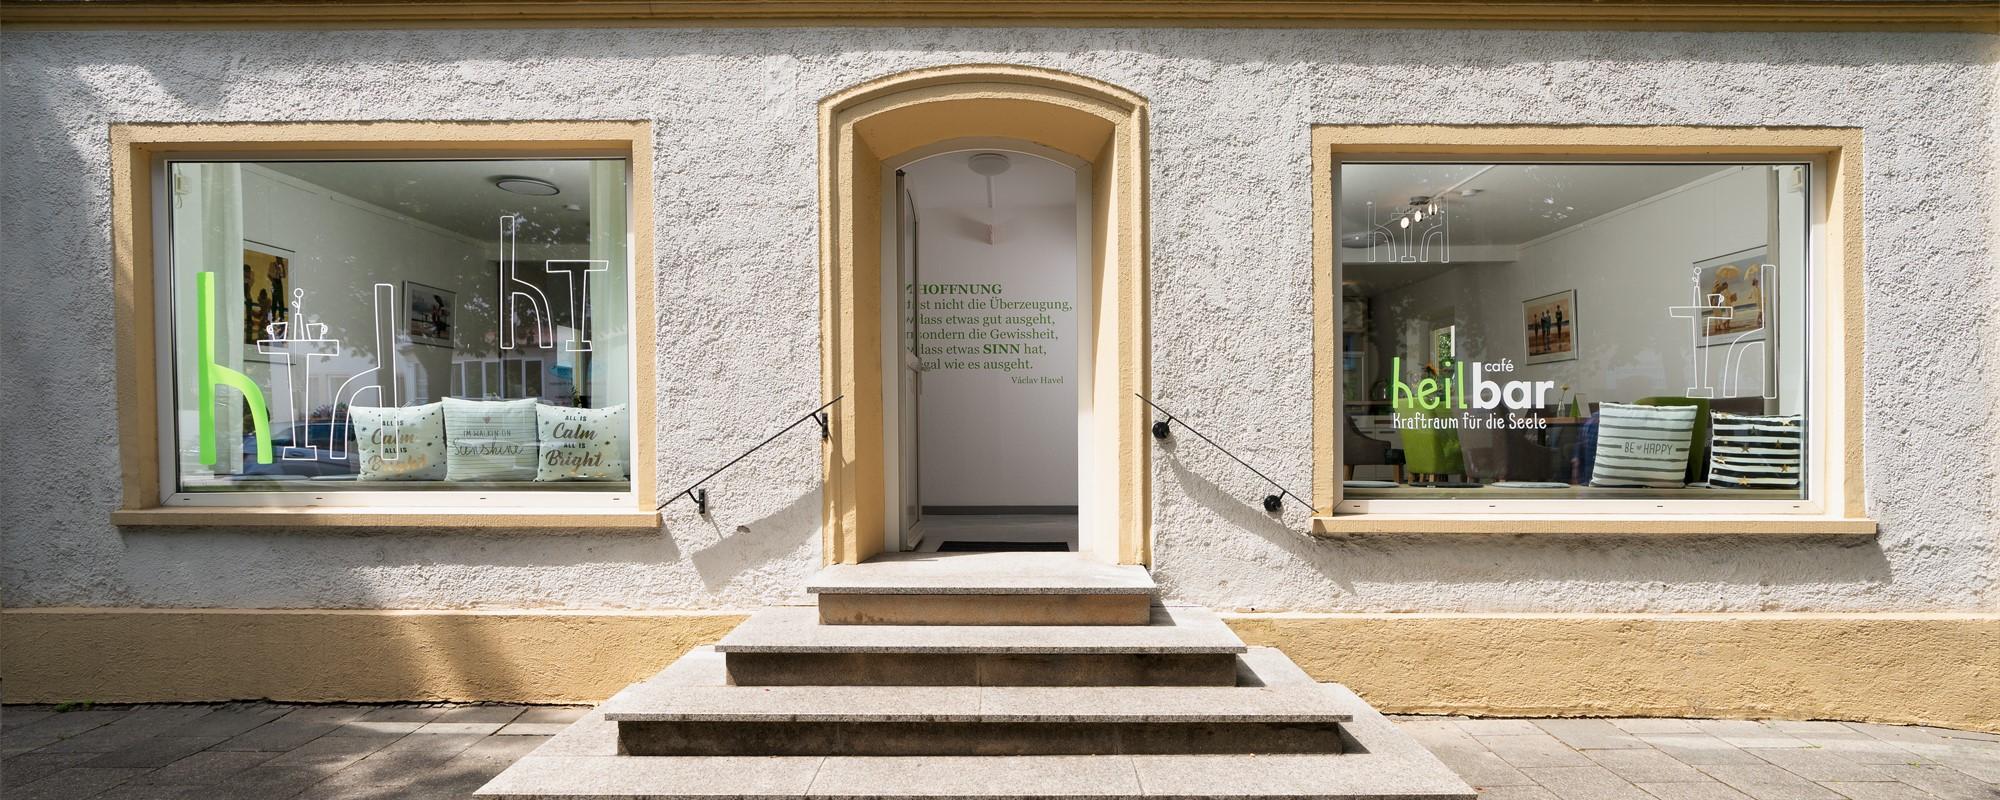 Trost im Cafe Heilbar Dachau